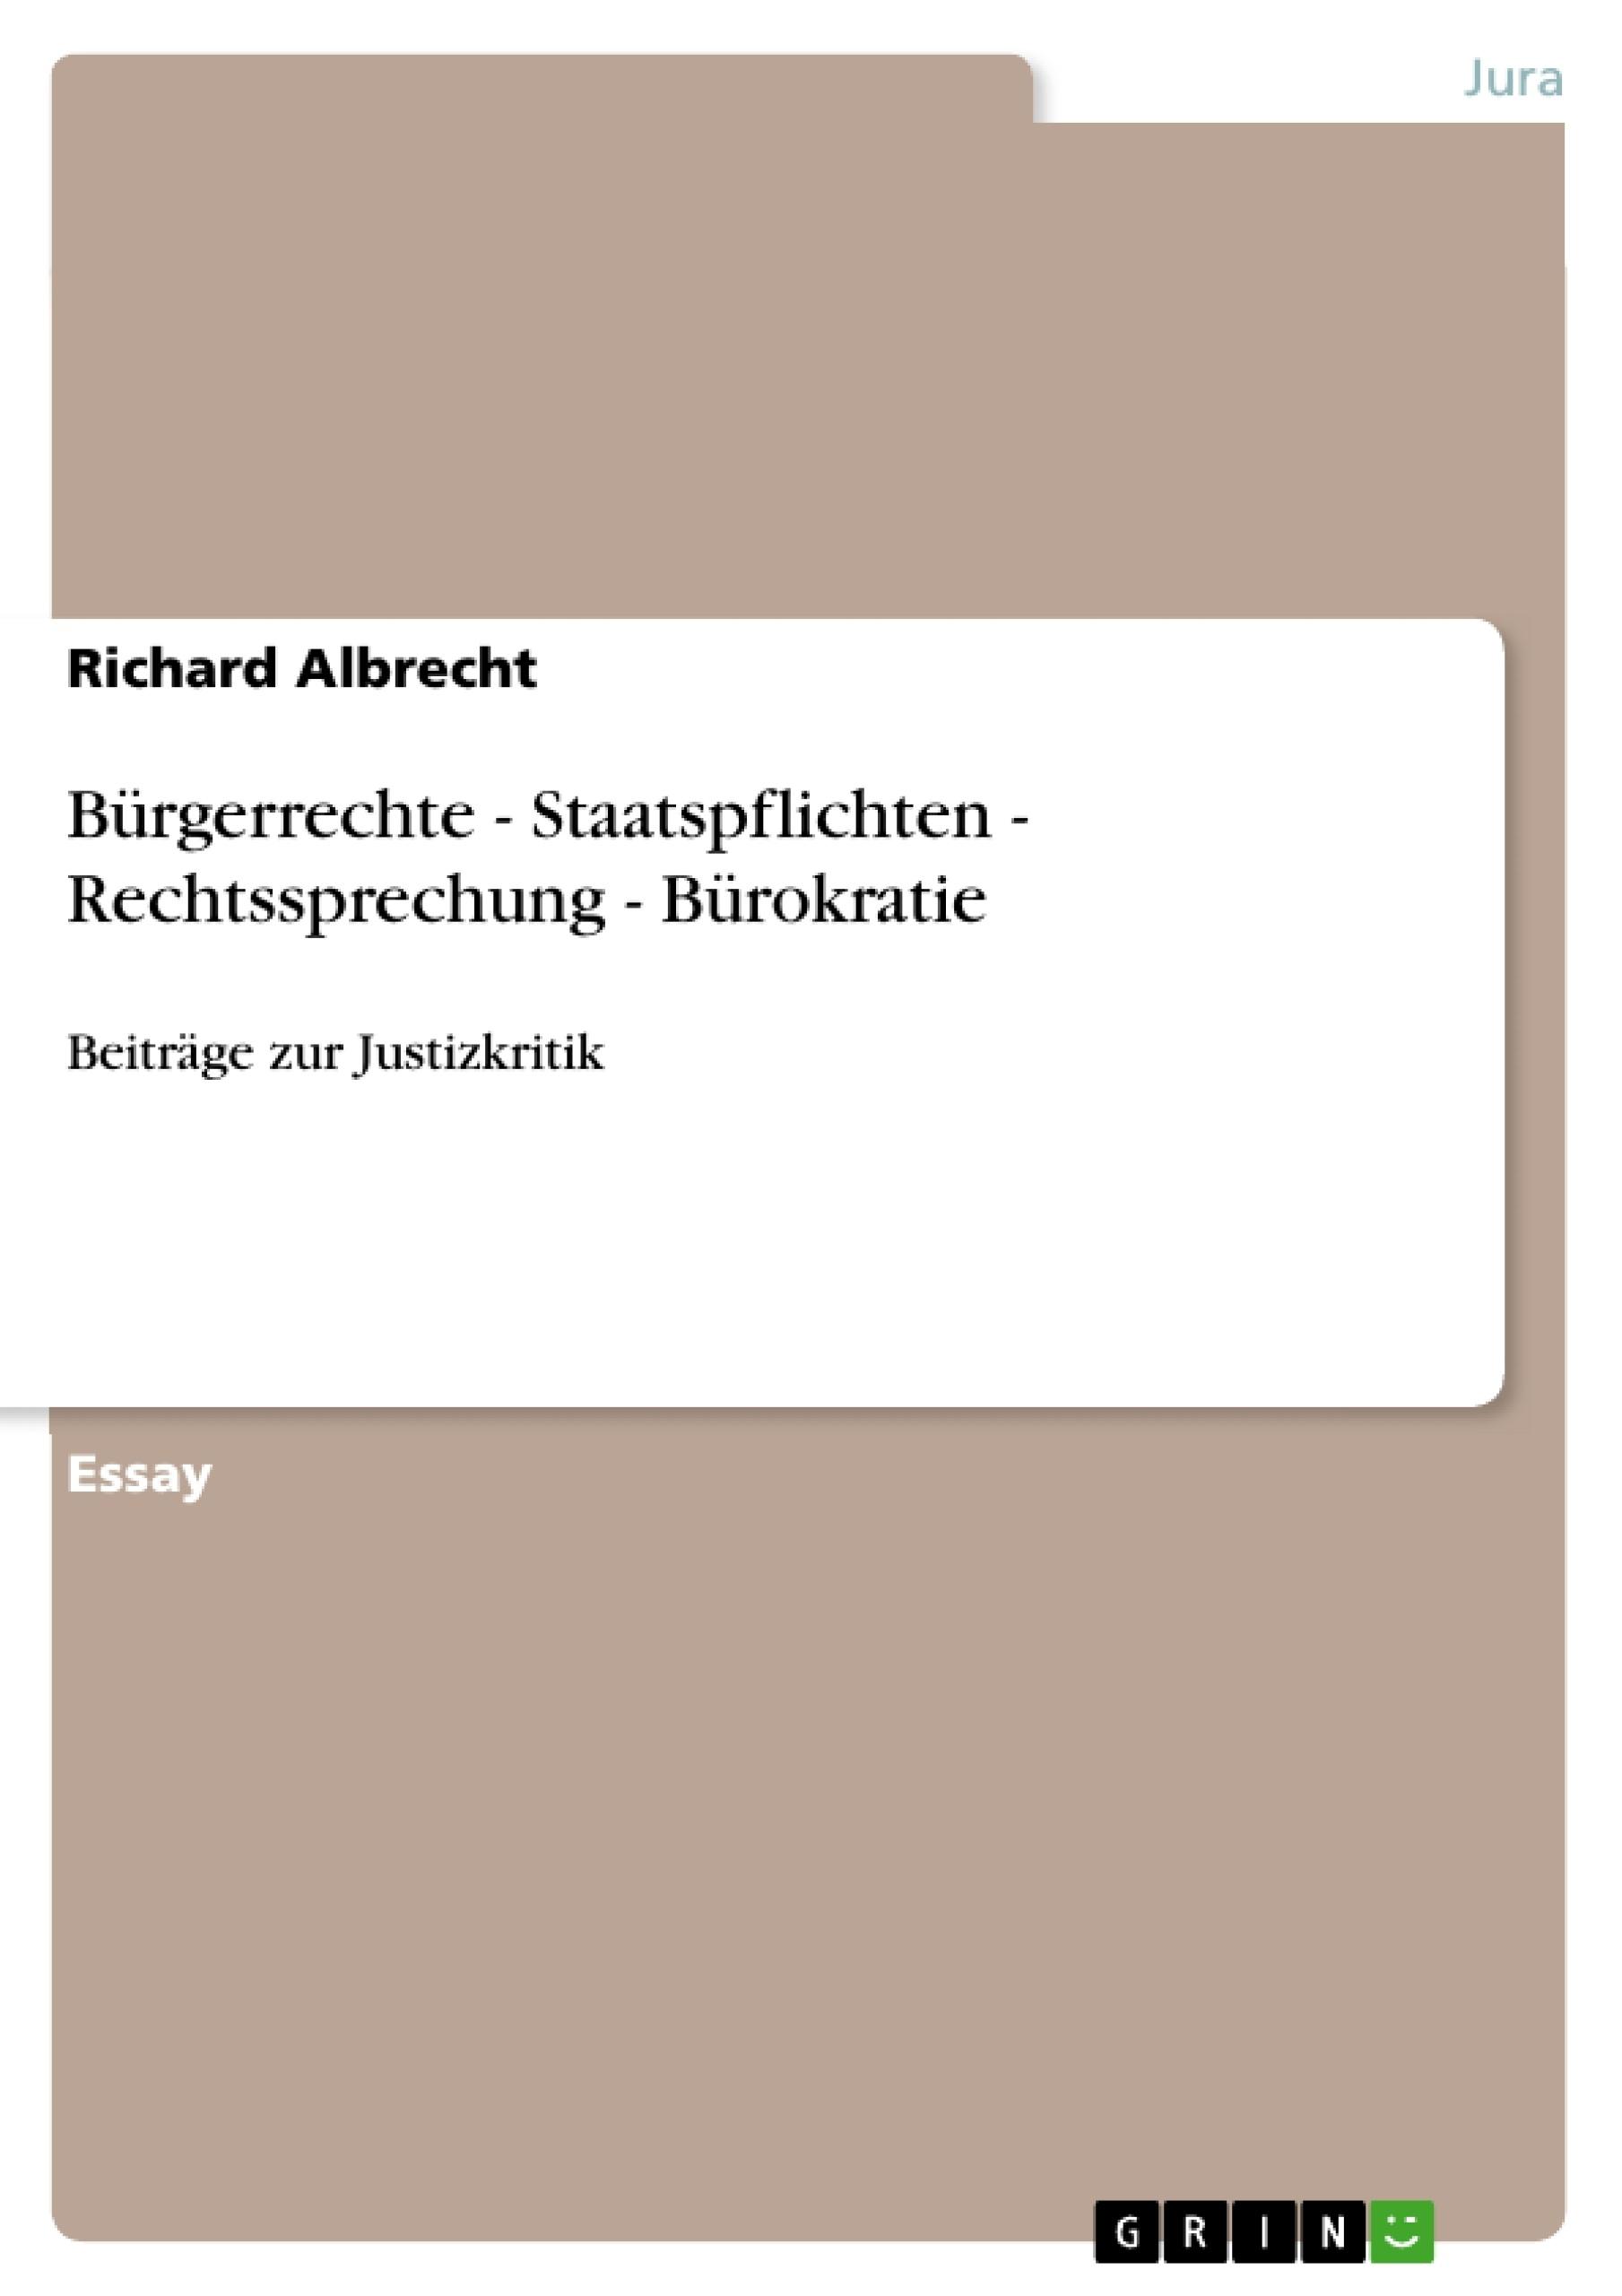 Titel: Bürgerrechte - Staatspflichten - Rechtssprechung - Bürokratie